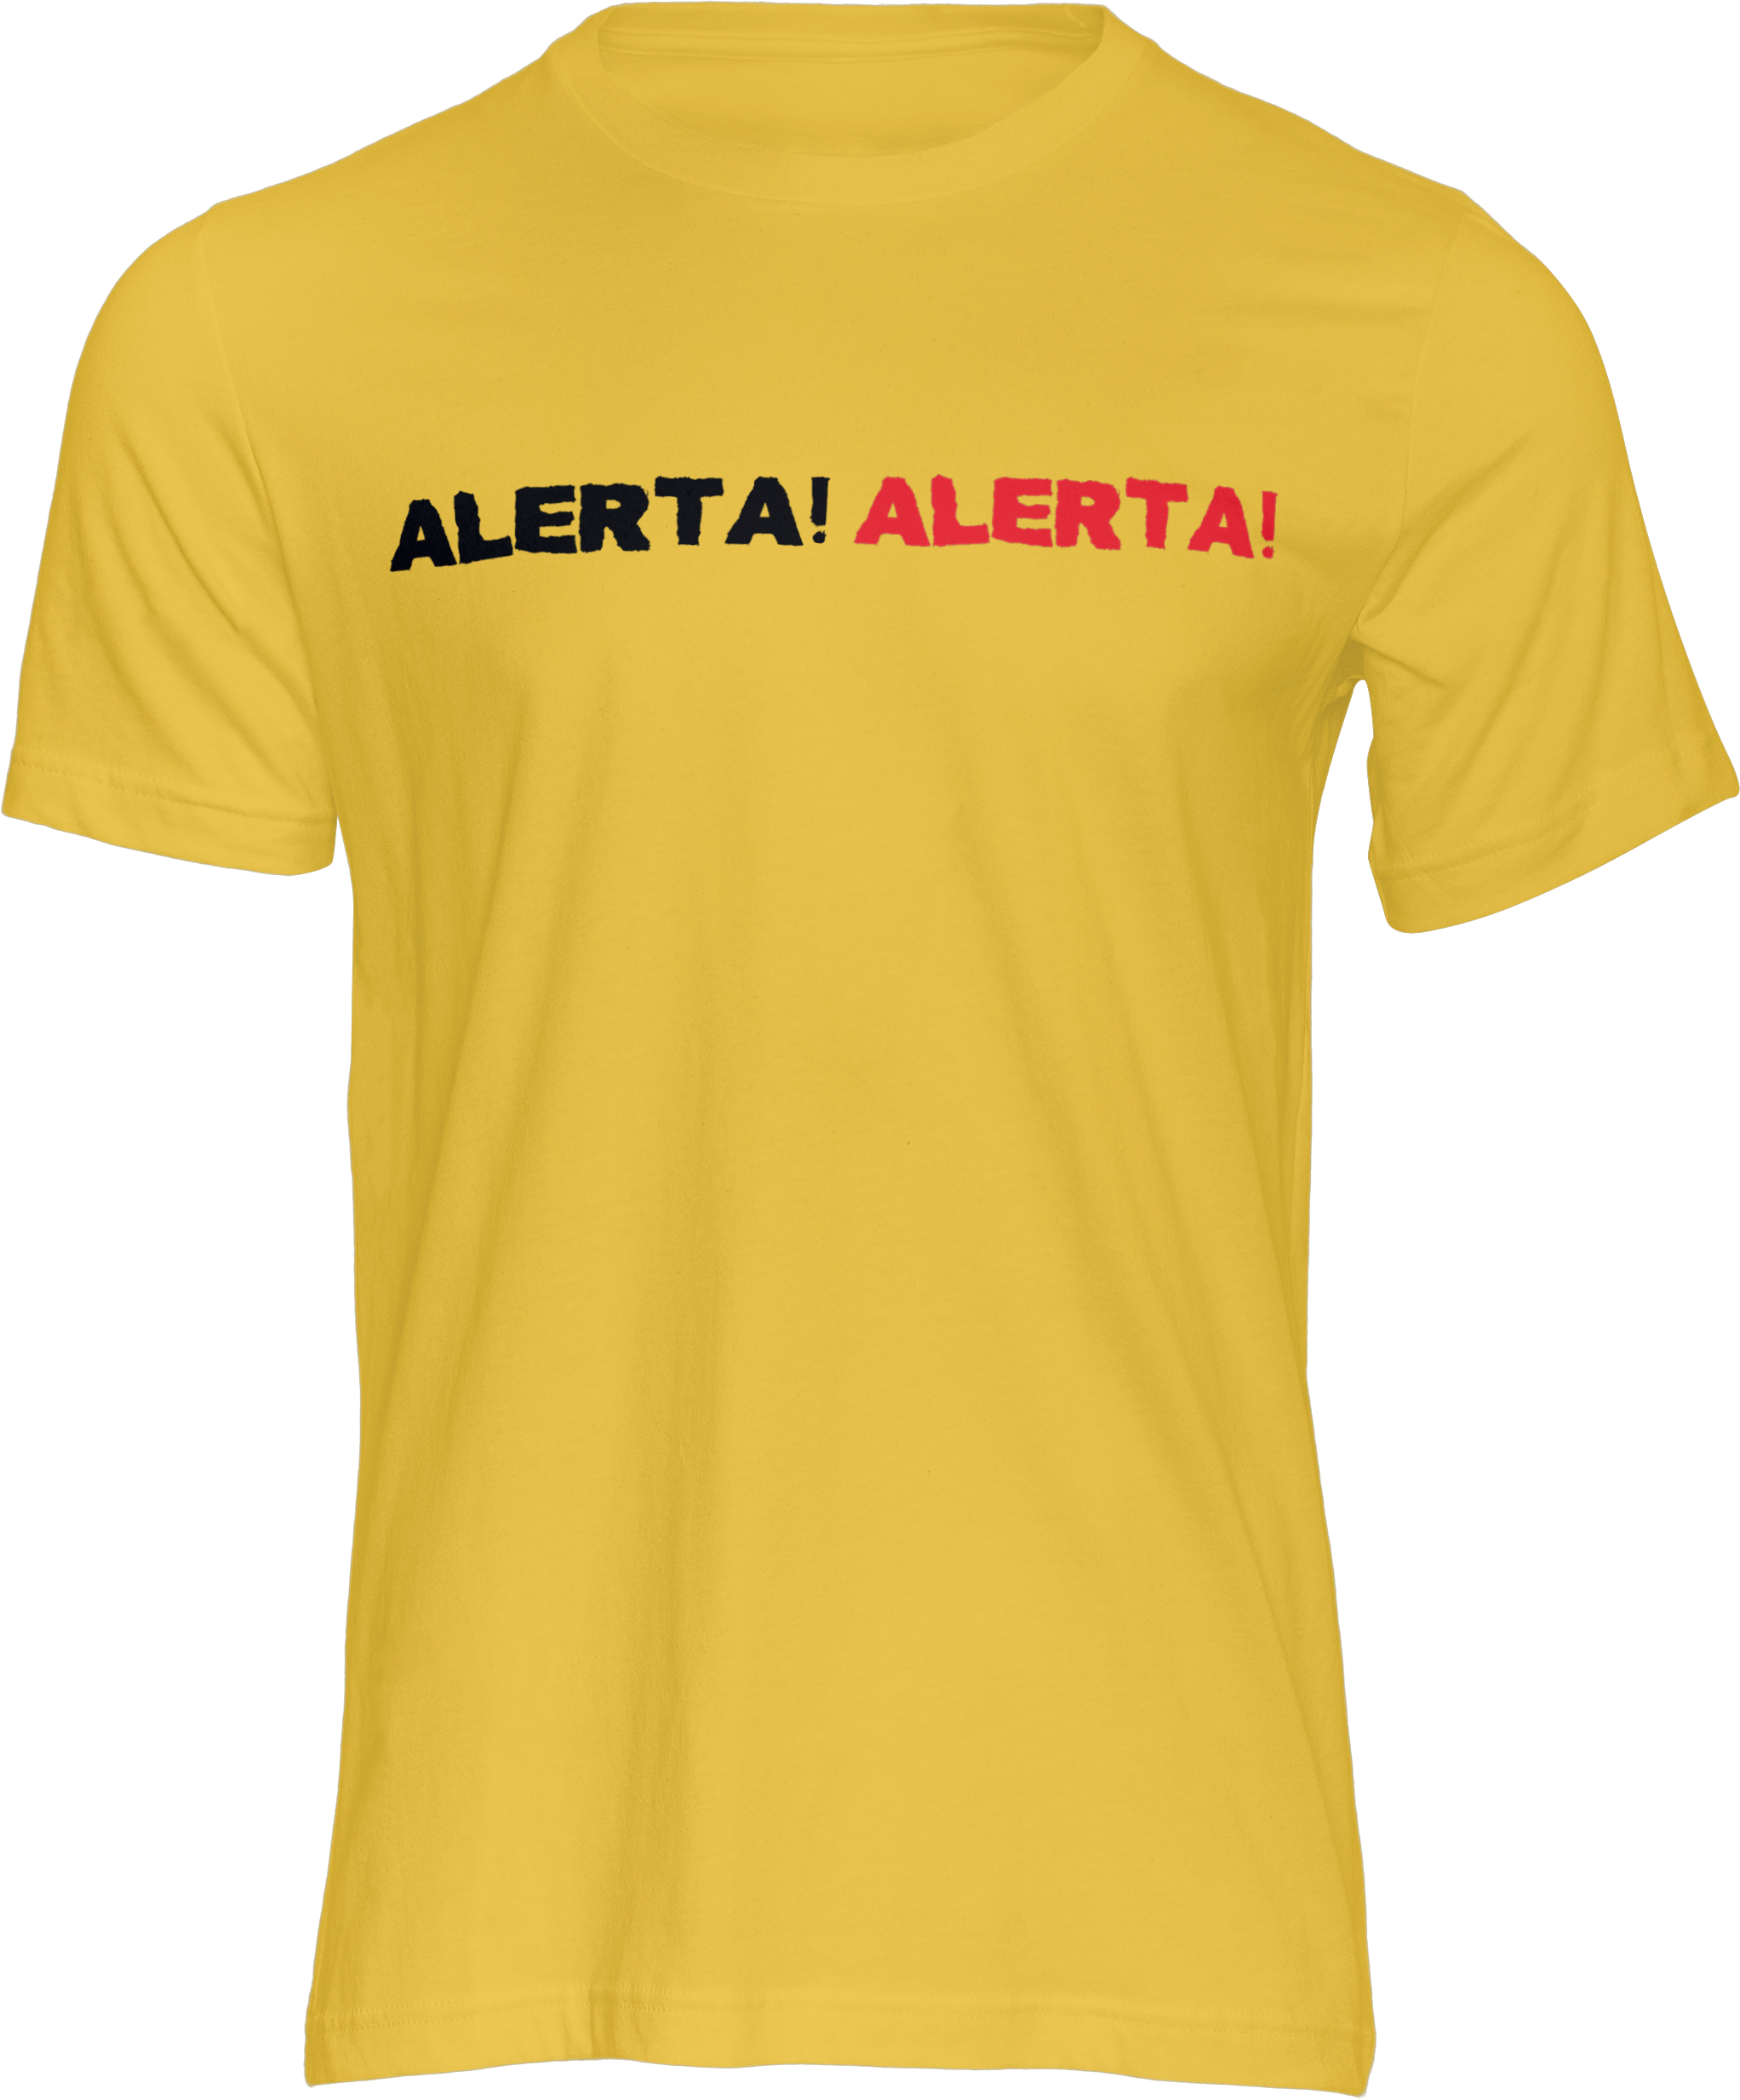 Motiv-Shirt – Alerta Alerta – T-Shirt (gelb)